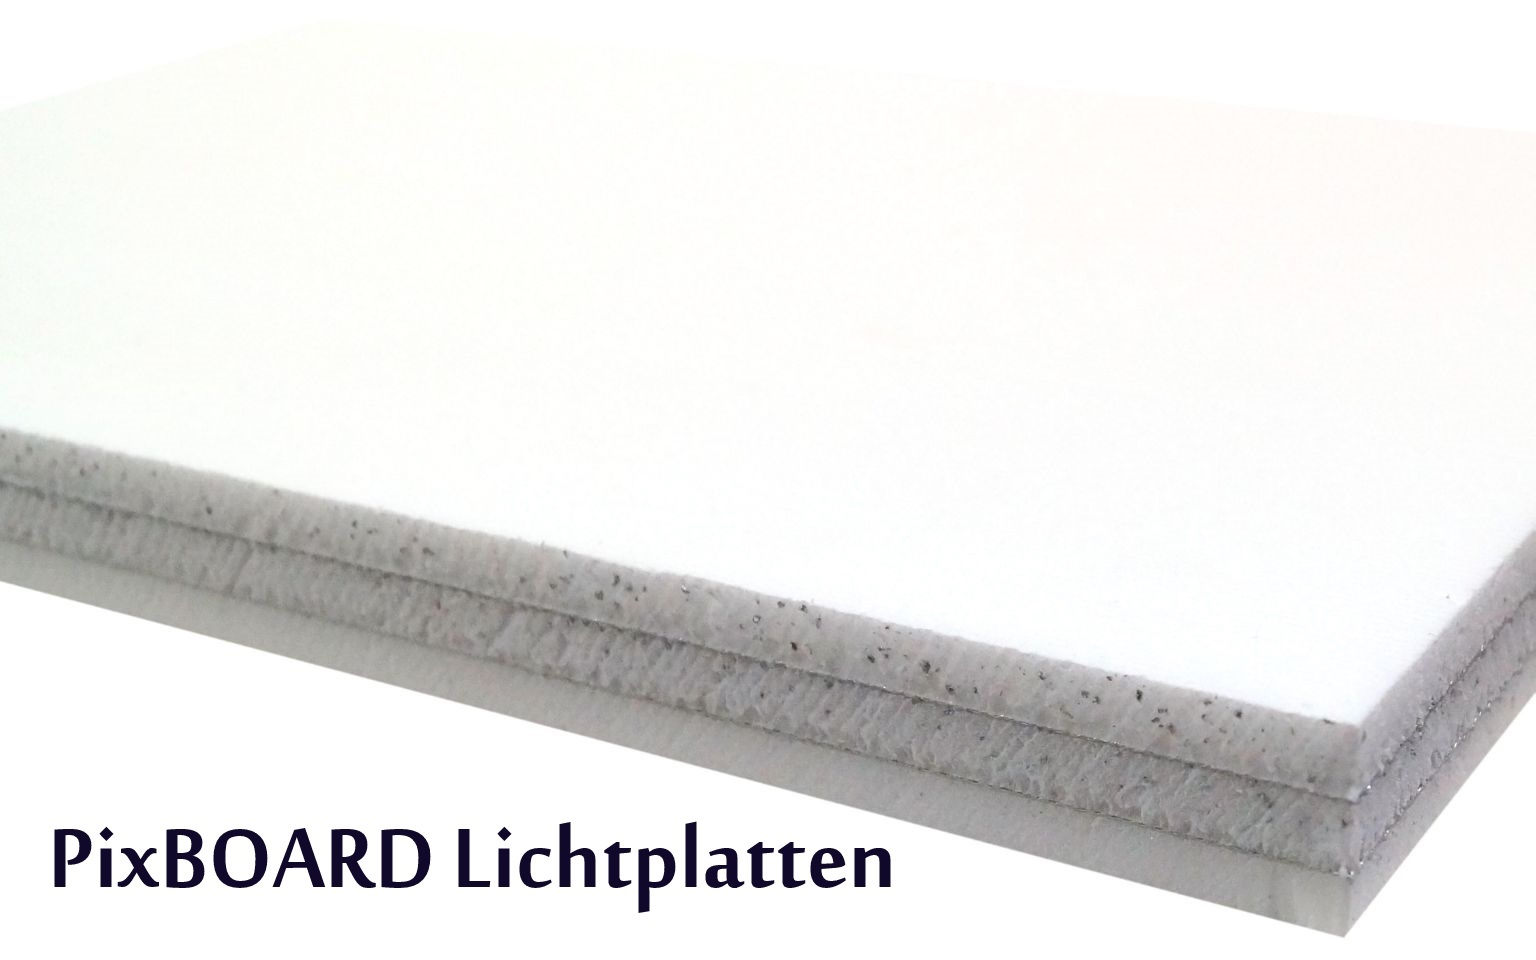 PixBOARD Lichtplatte